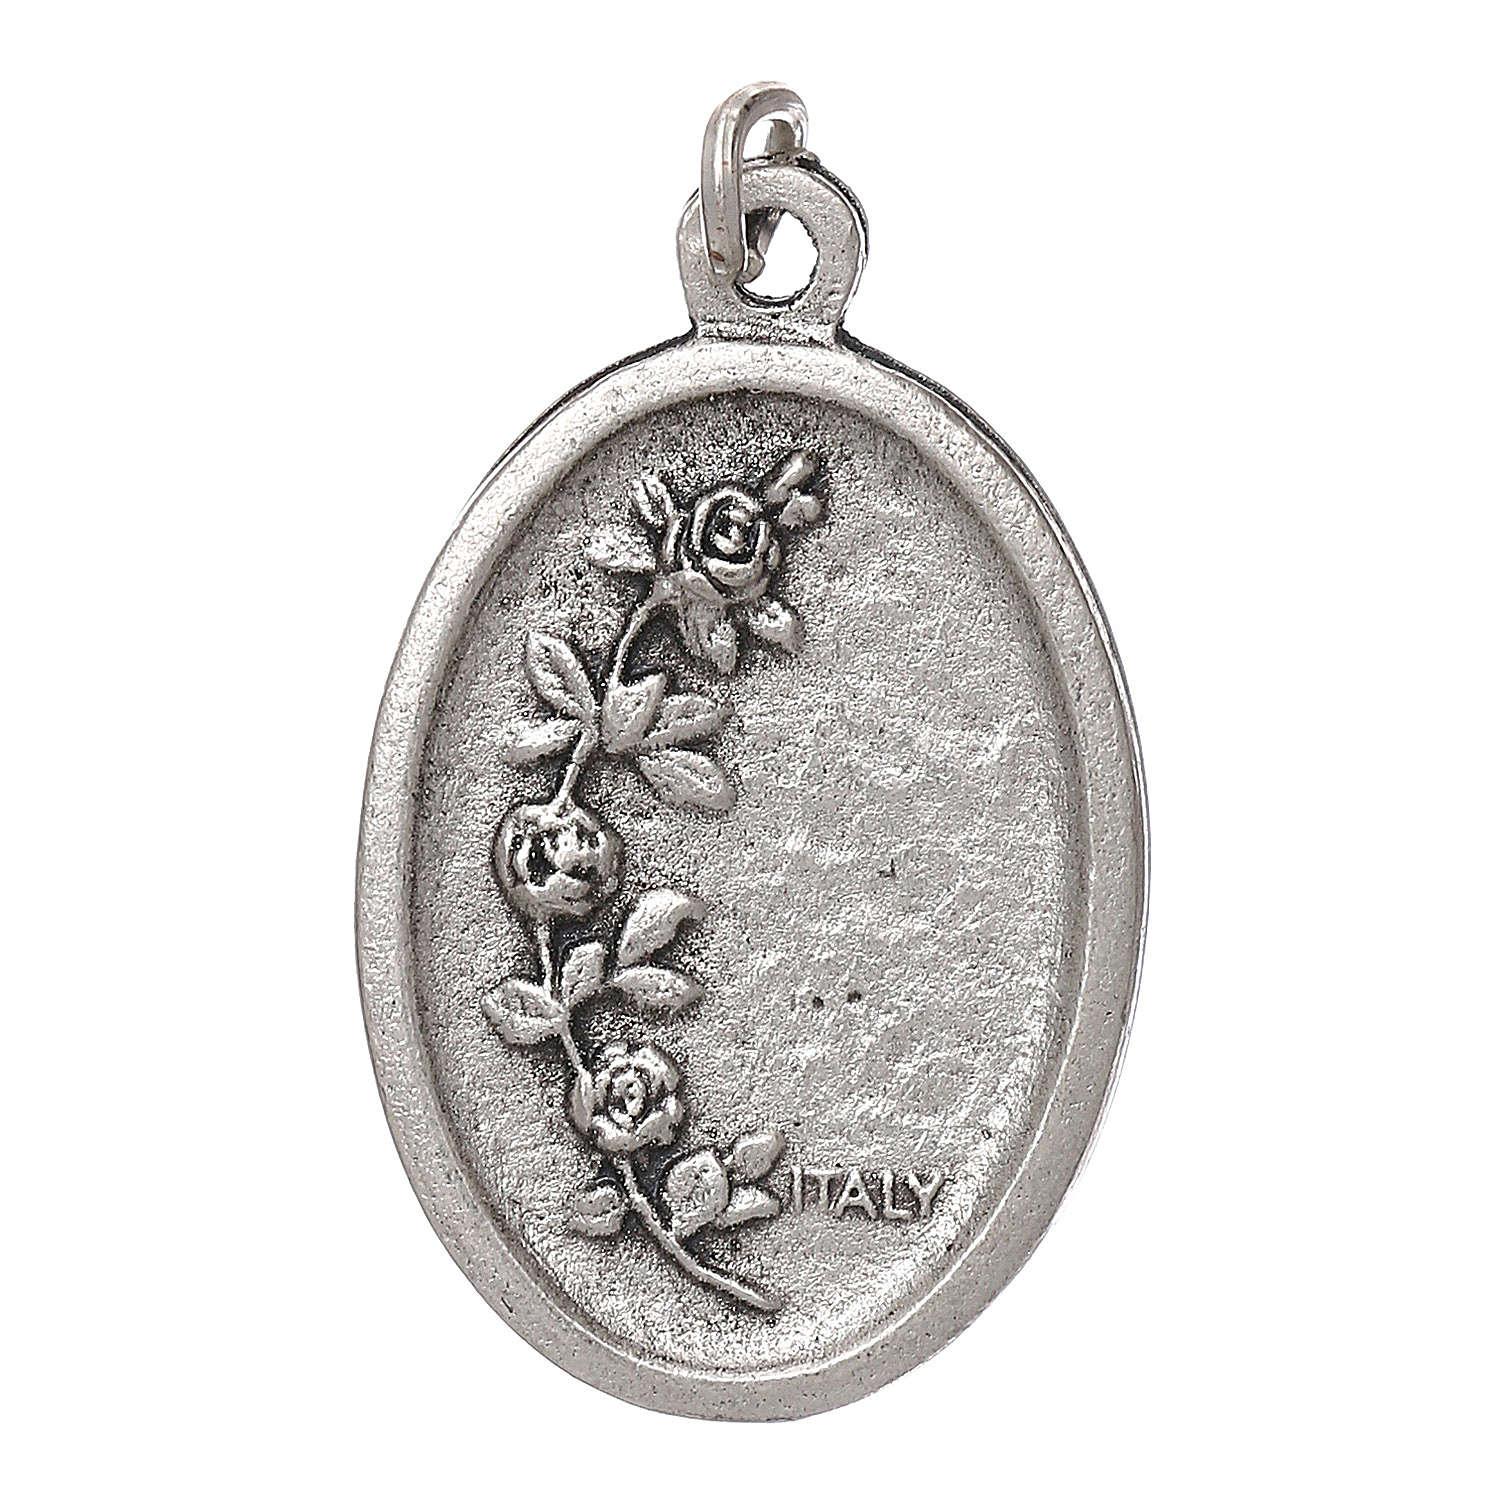 Medaglia Fatima galvanica ovale argento antico smalto azzurro 4